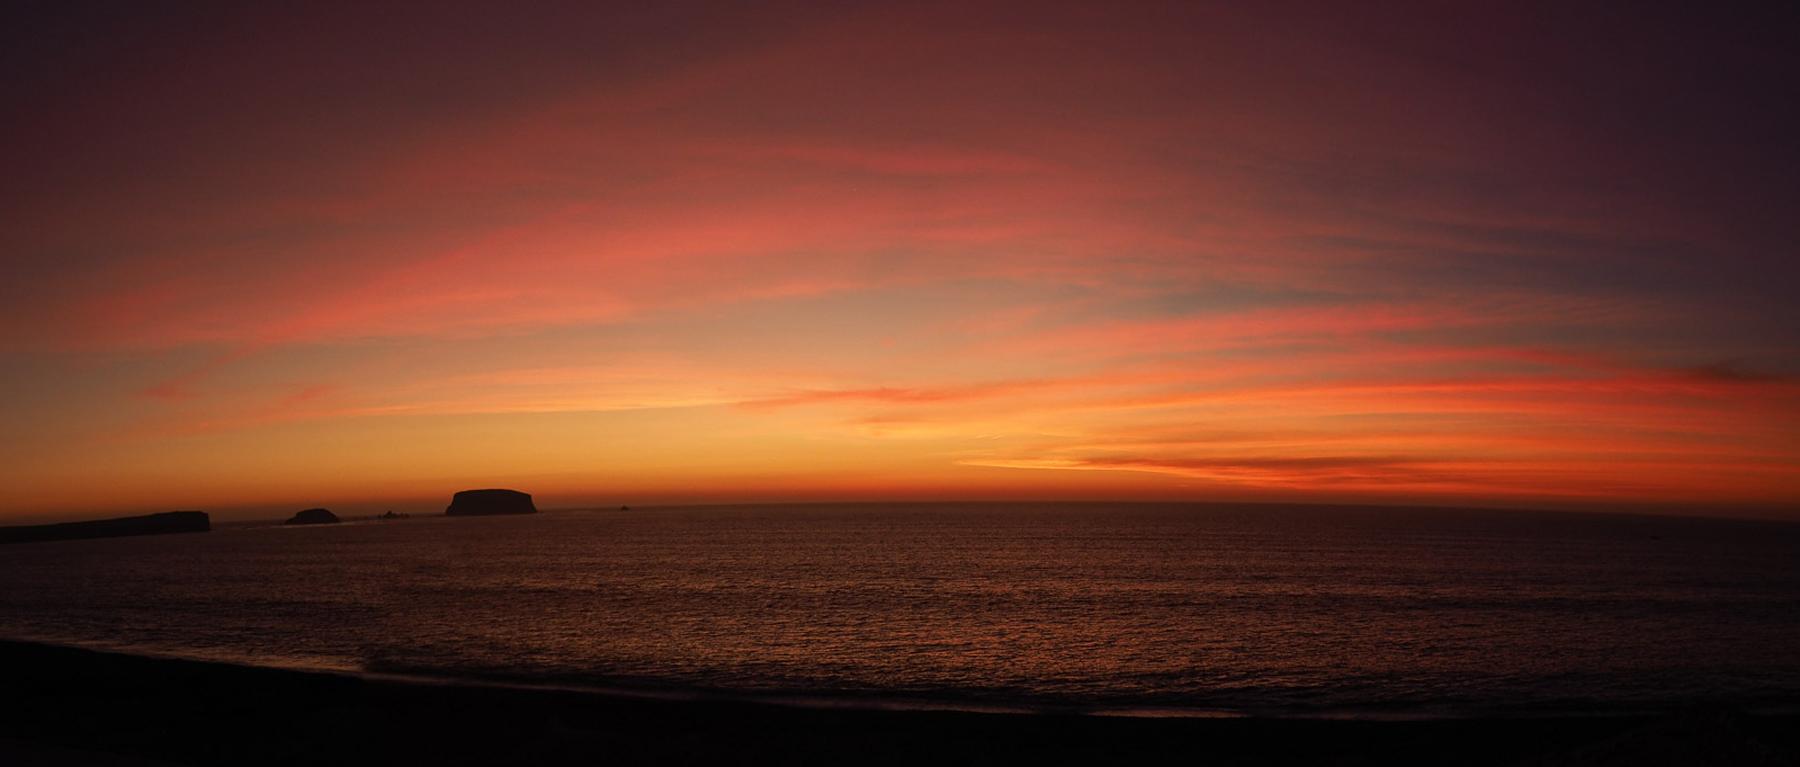 Herrliche Sonnenuntergänge am Meer in völliger Einsamkeit